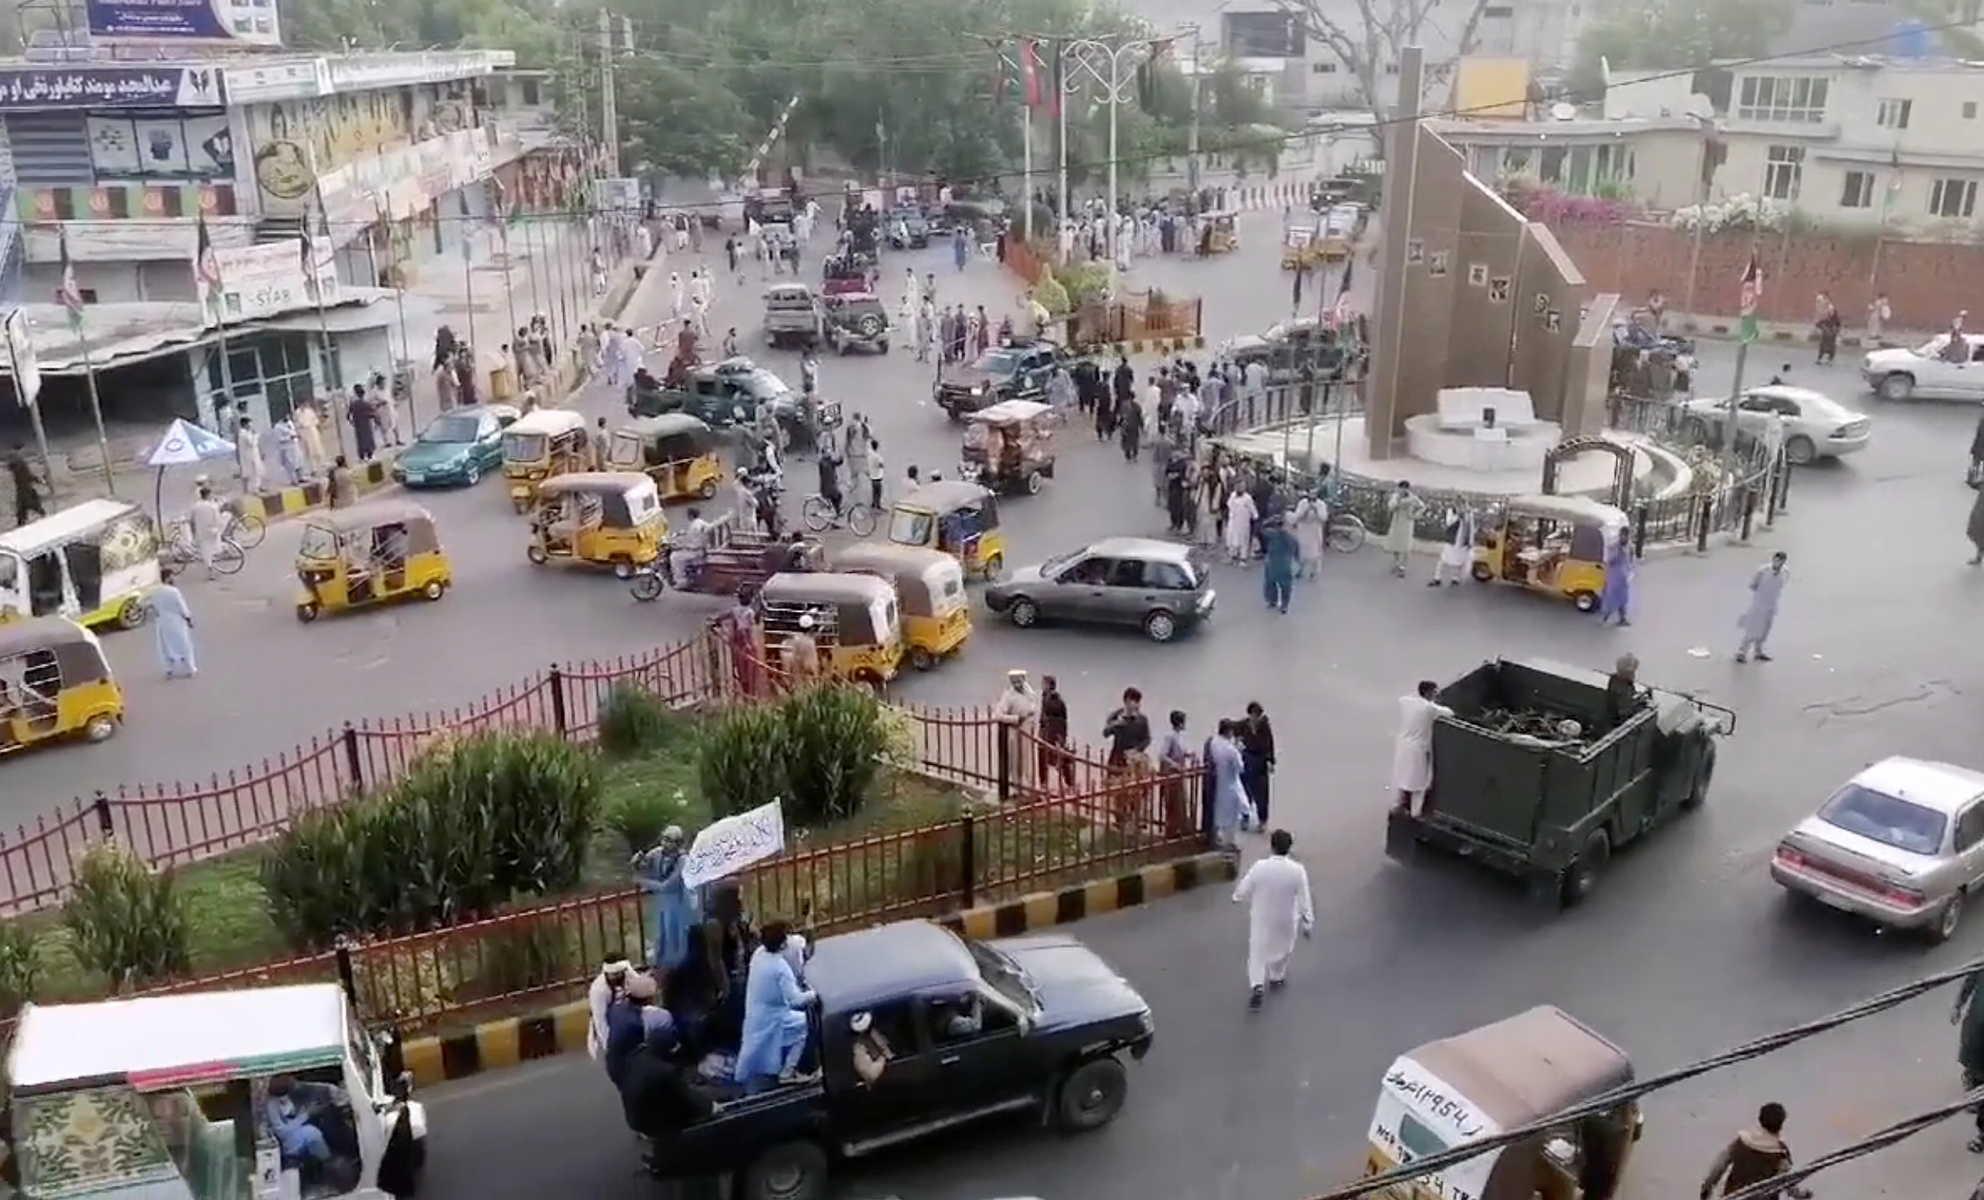 أول فيديو لدخول قيادات طالبان القصر الرئاسي في كابول.. انتصار بعد 20 عاما من الحرب